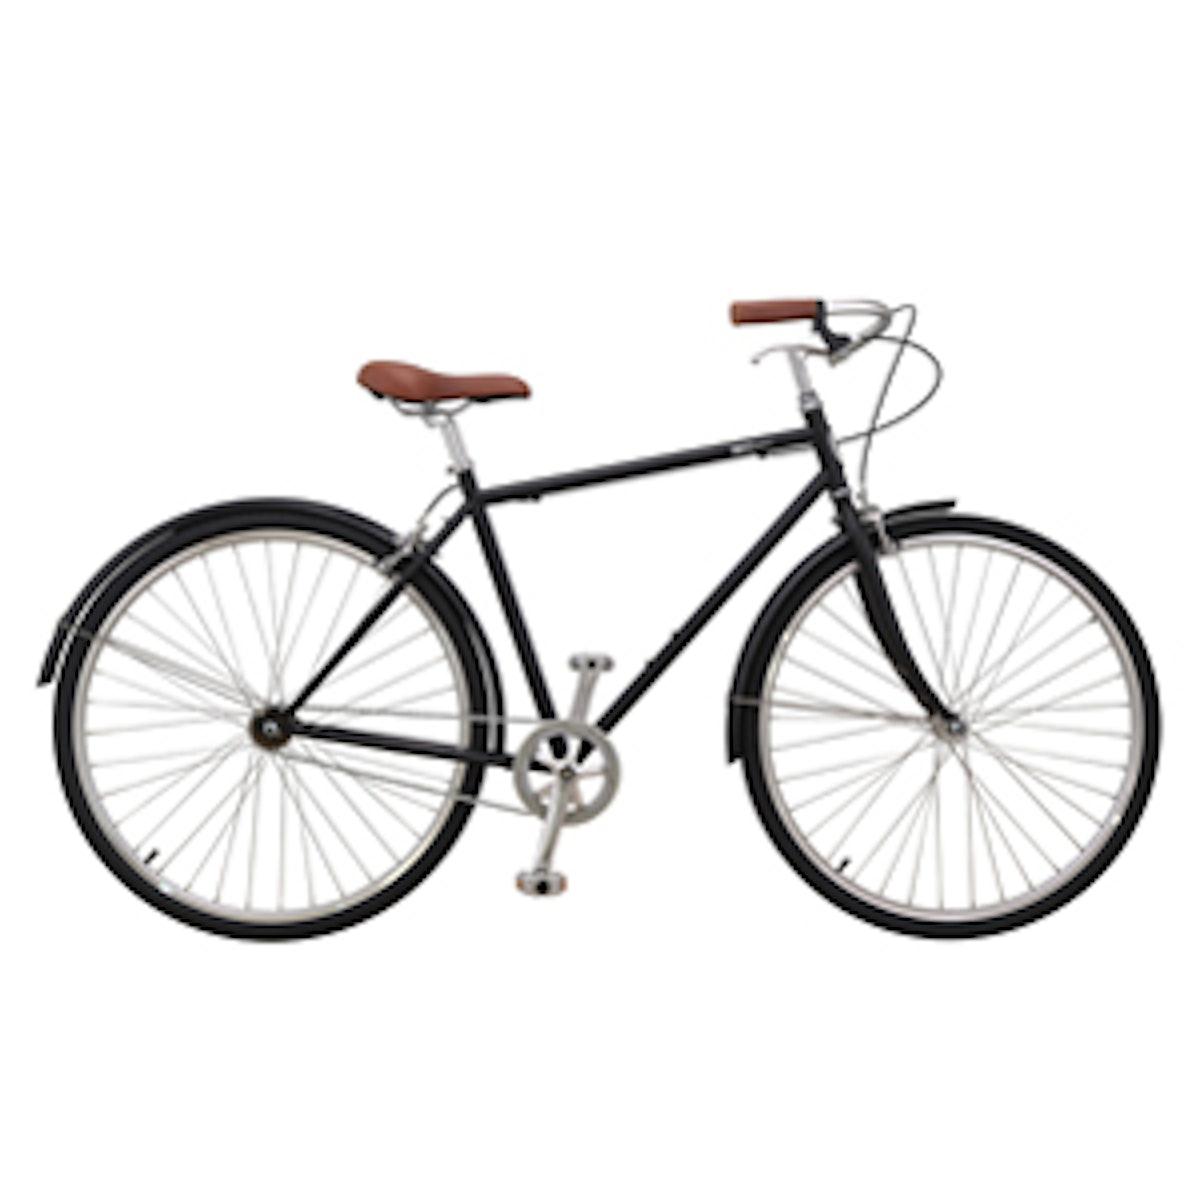 Bedford Single Speed Bike